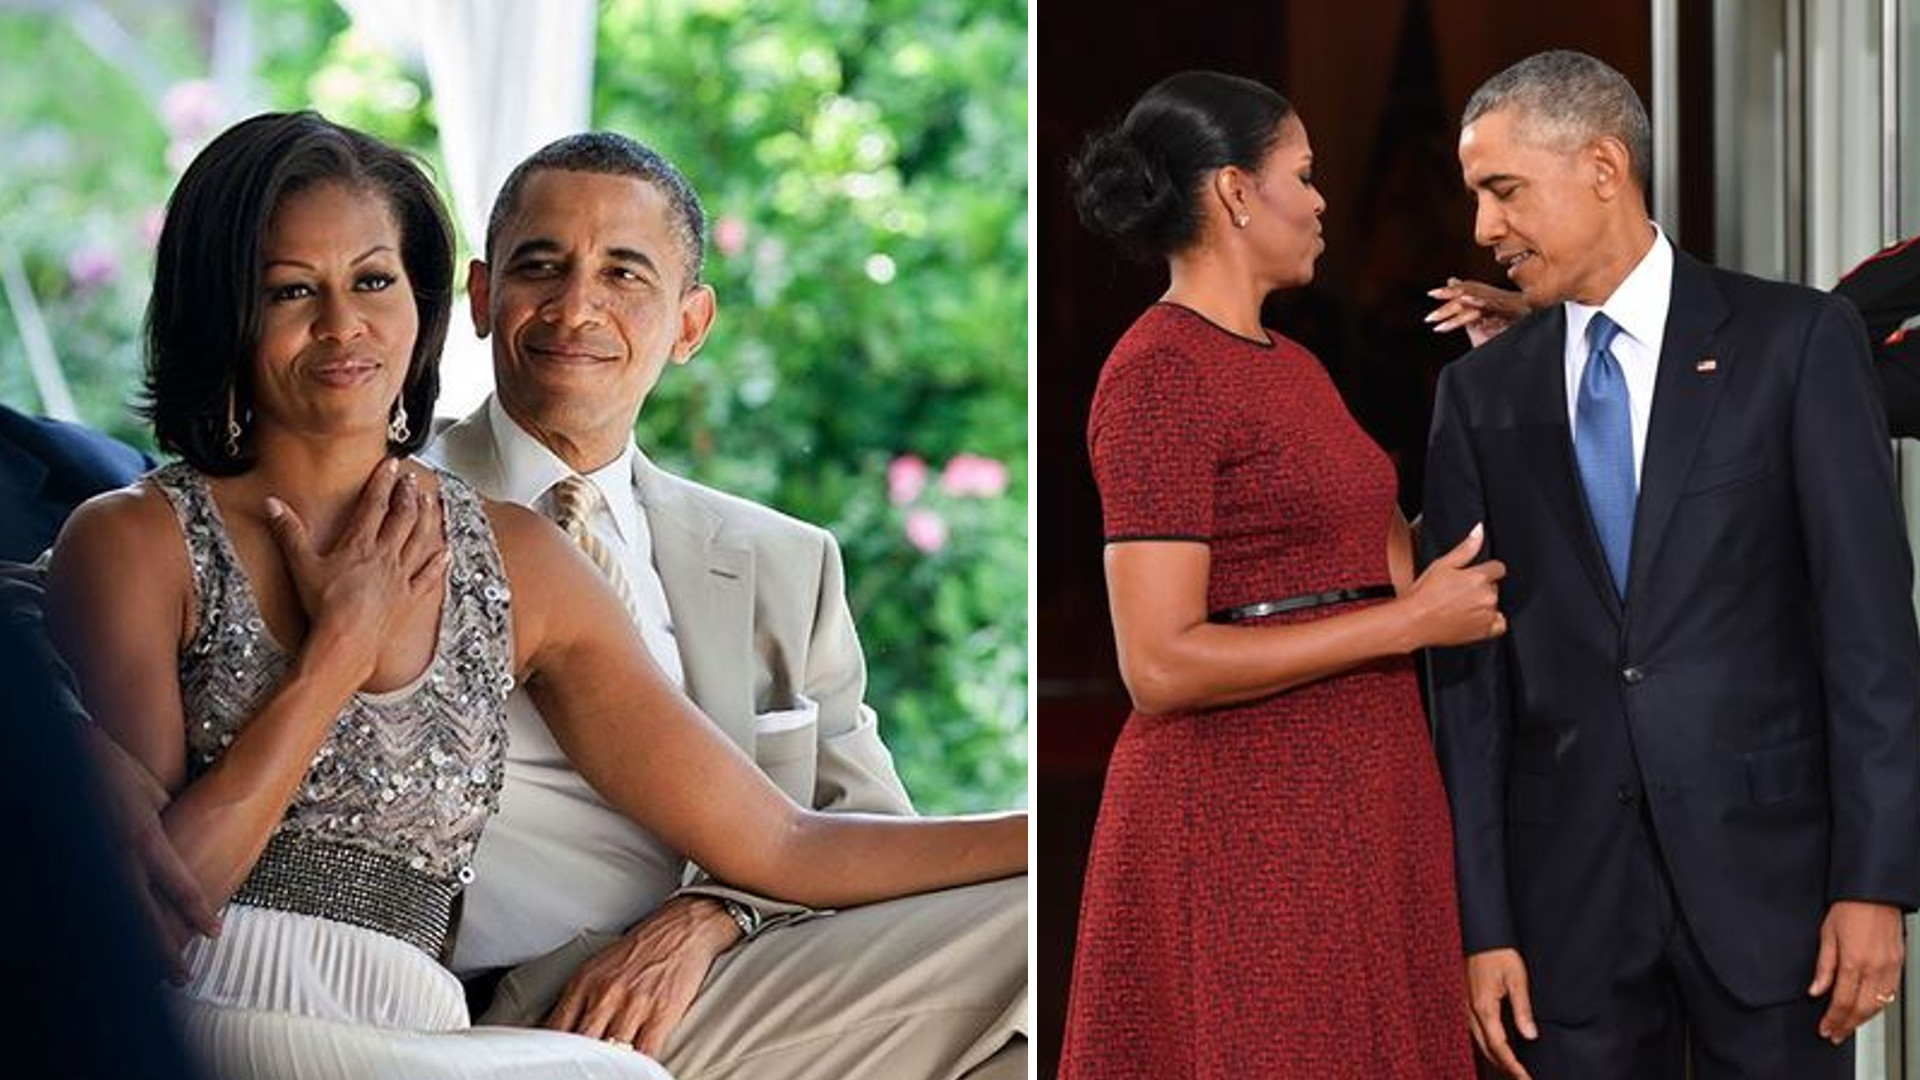 Ale zakochani! Barack Obama z okazji urodzin Michelle pokazał UROCZE zdjęcia z żoną